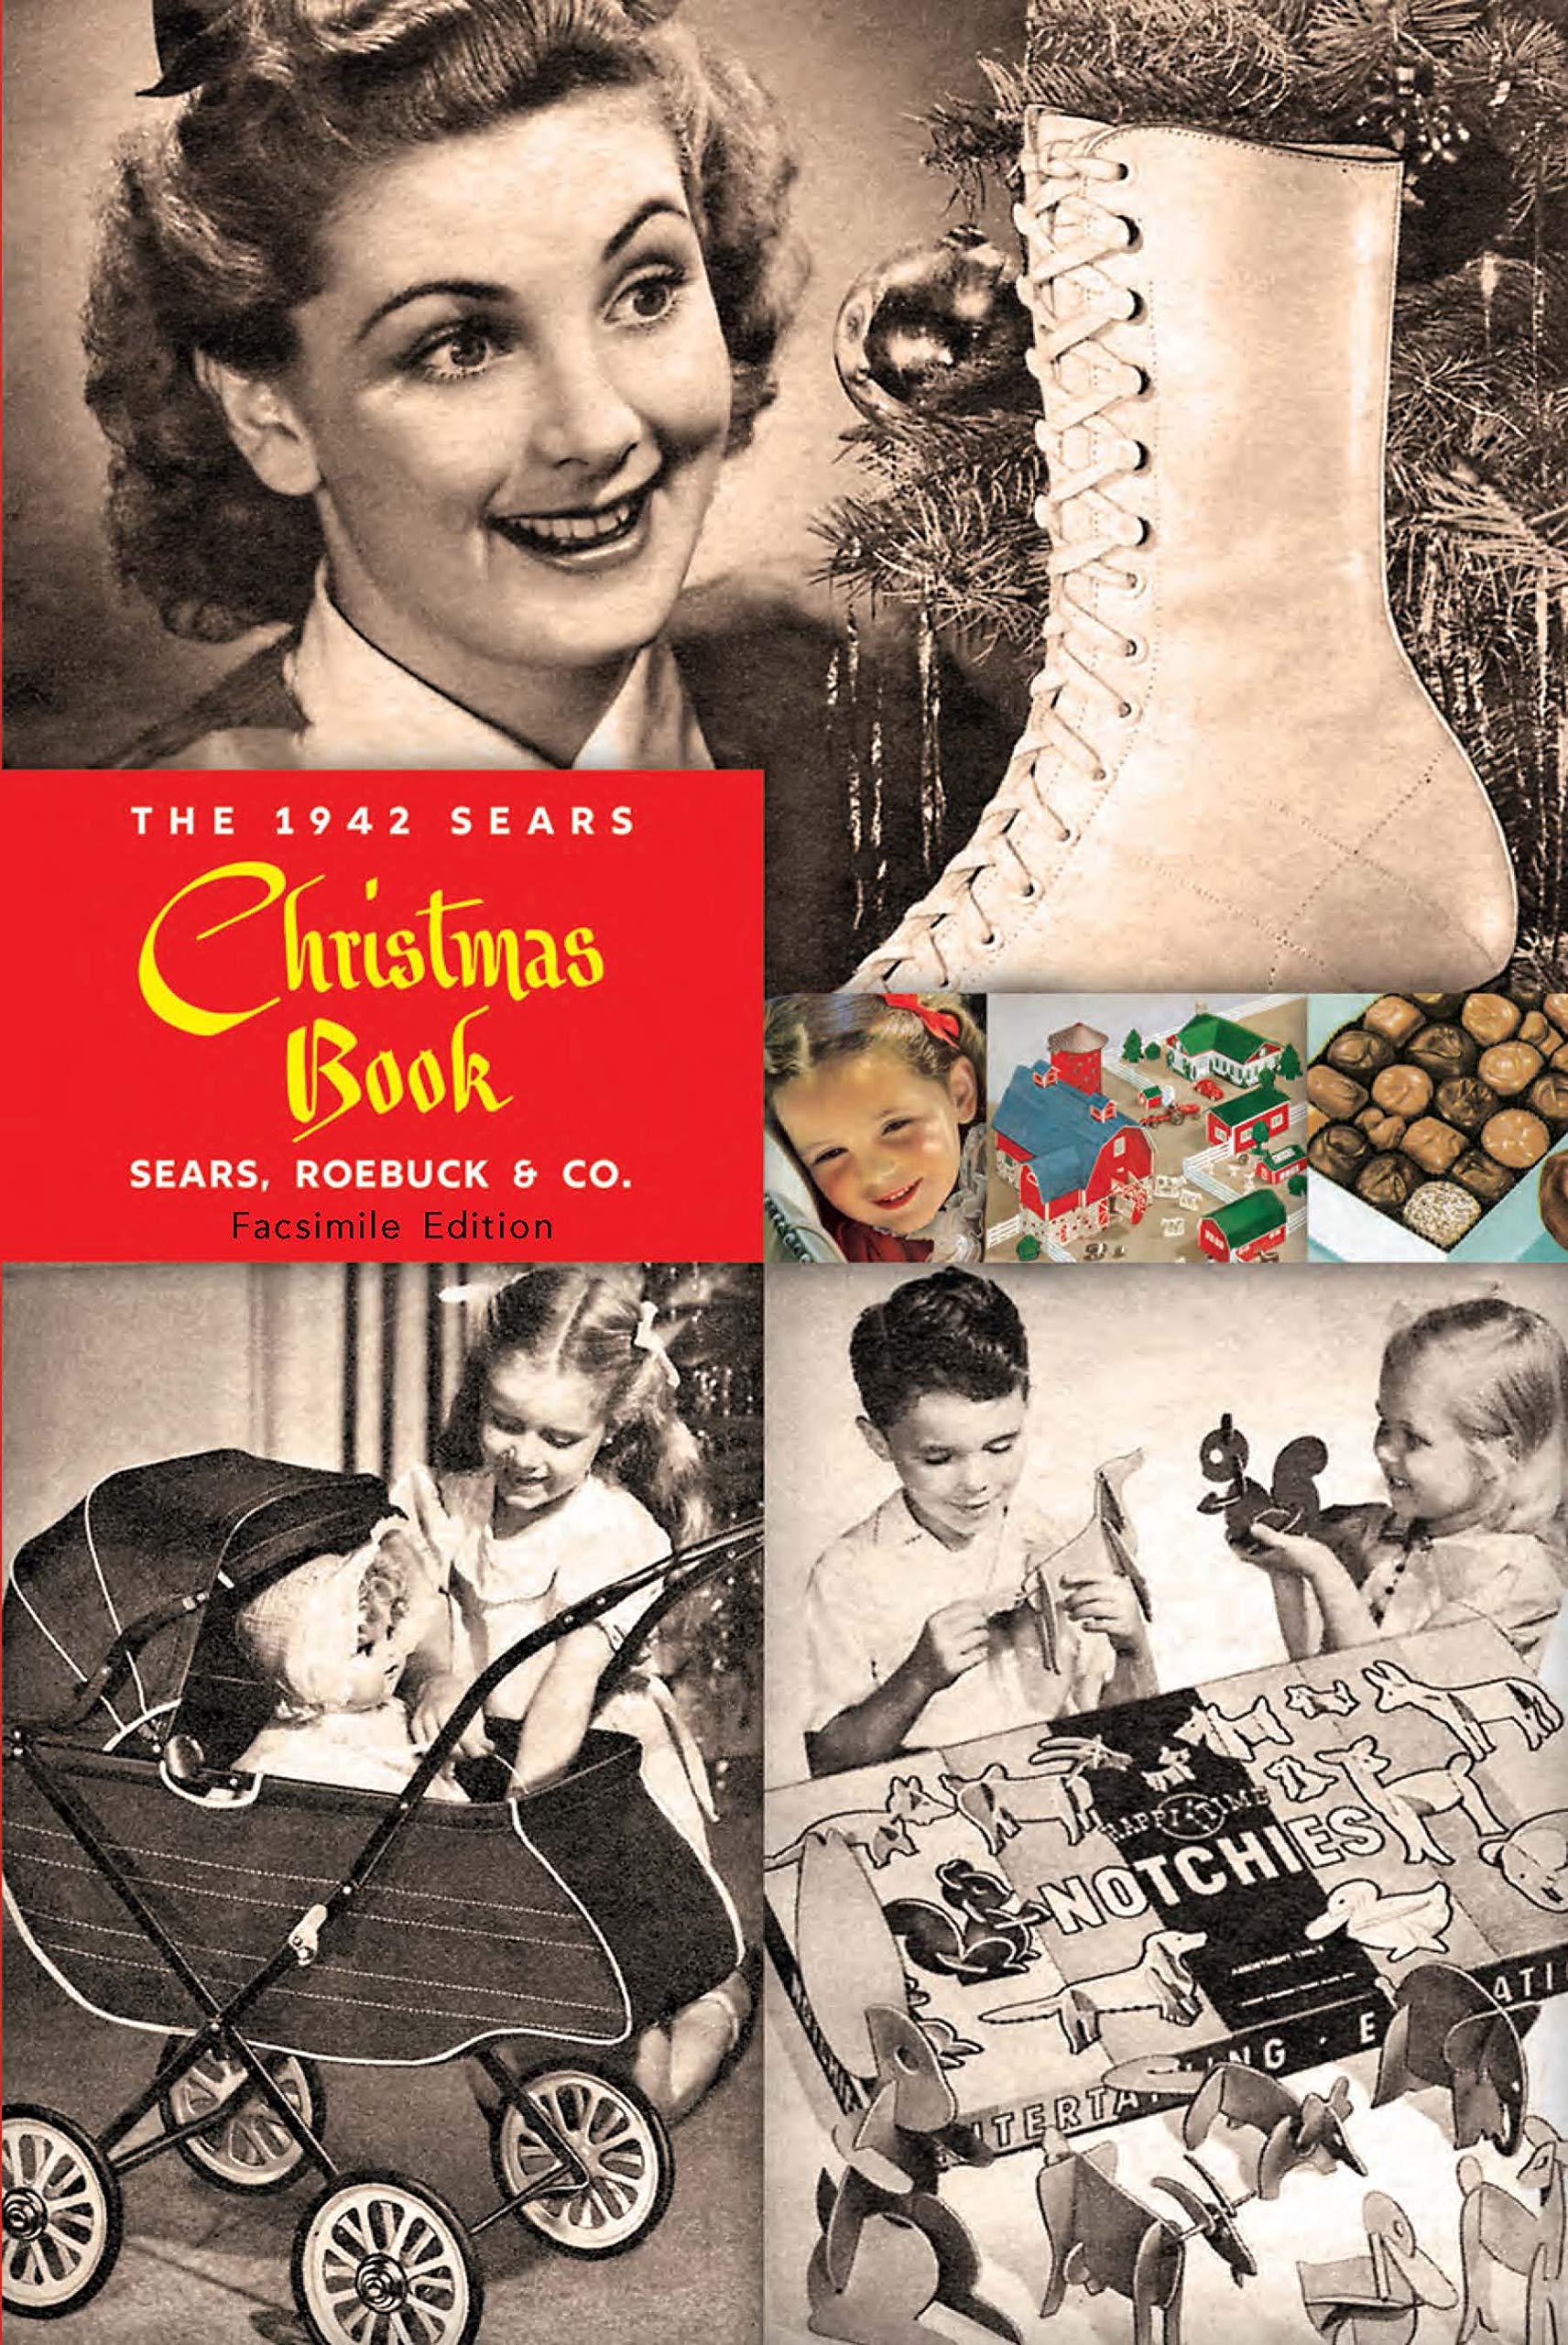 Sears Christmas Catalog 2021 The 1942 Sears Christmas Book Sears Roebuck And Co Judd Jr Ben B 9780486838007 Amazon Com Books